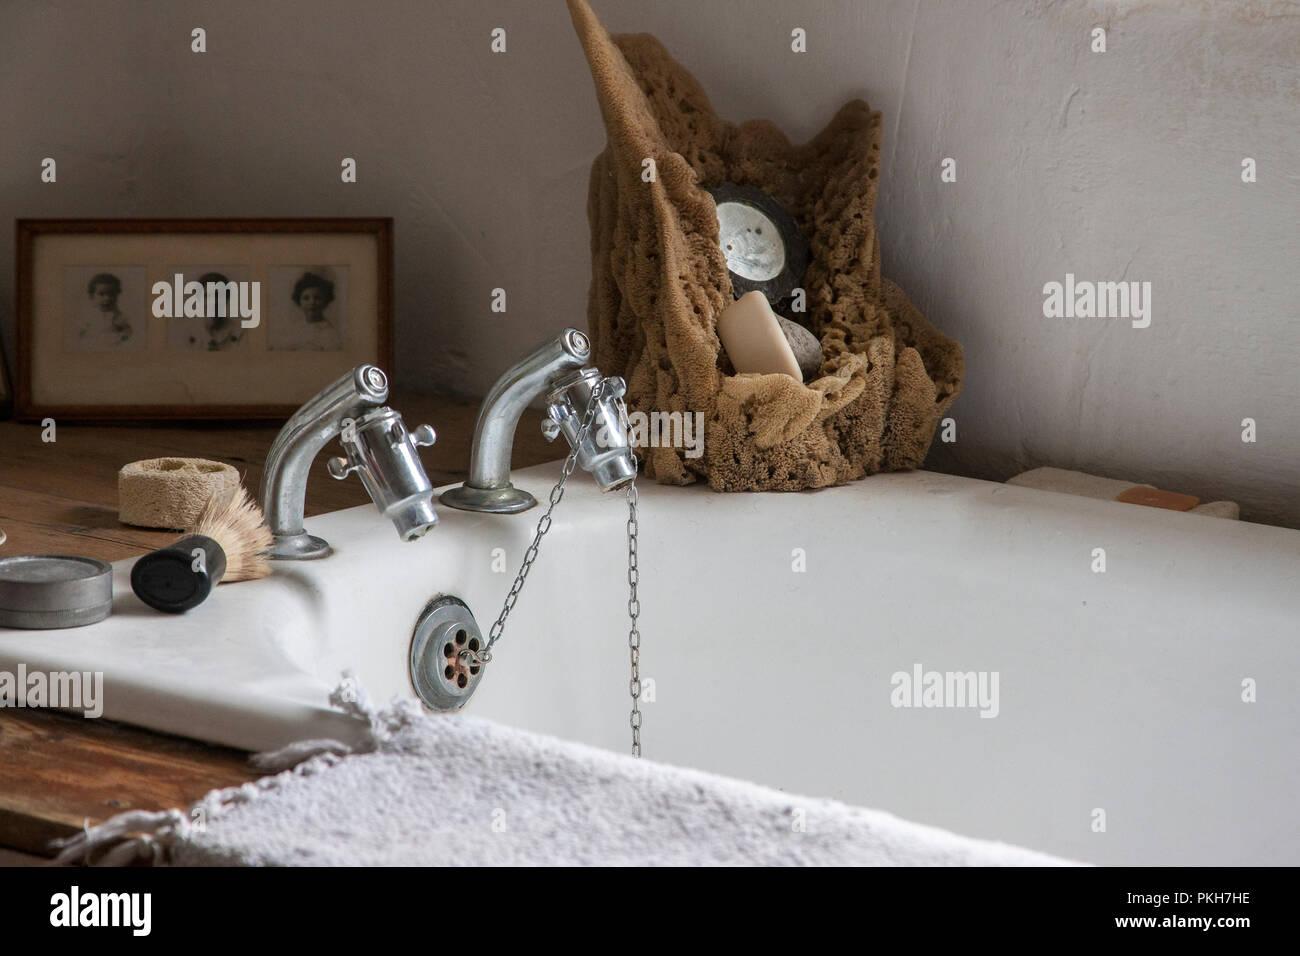 Rubinetteria Bagno Tradizionale : Bagno tradizionale con argento rubinetti di acqua pennelli per